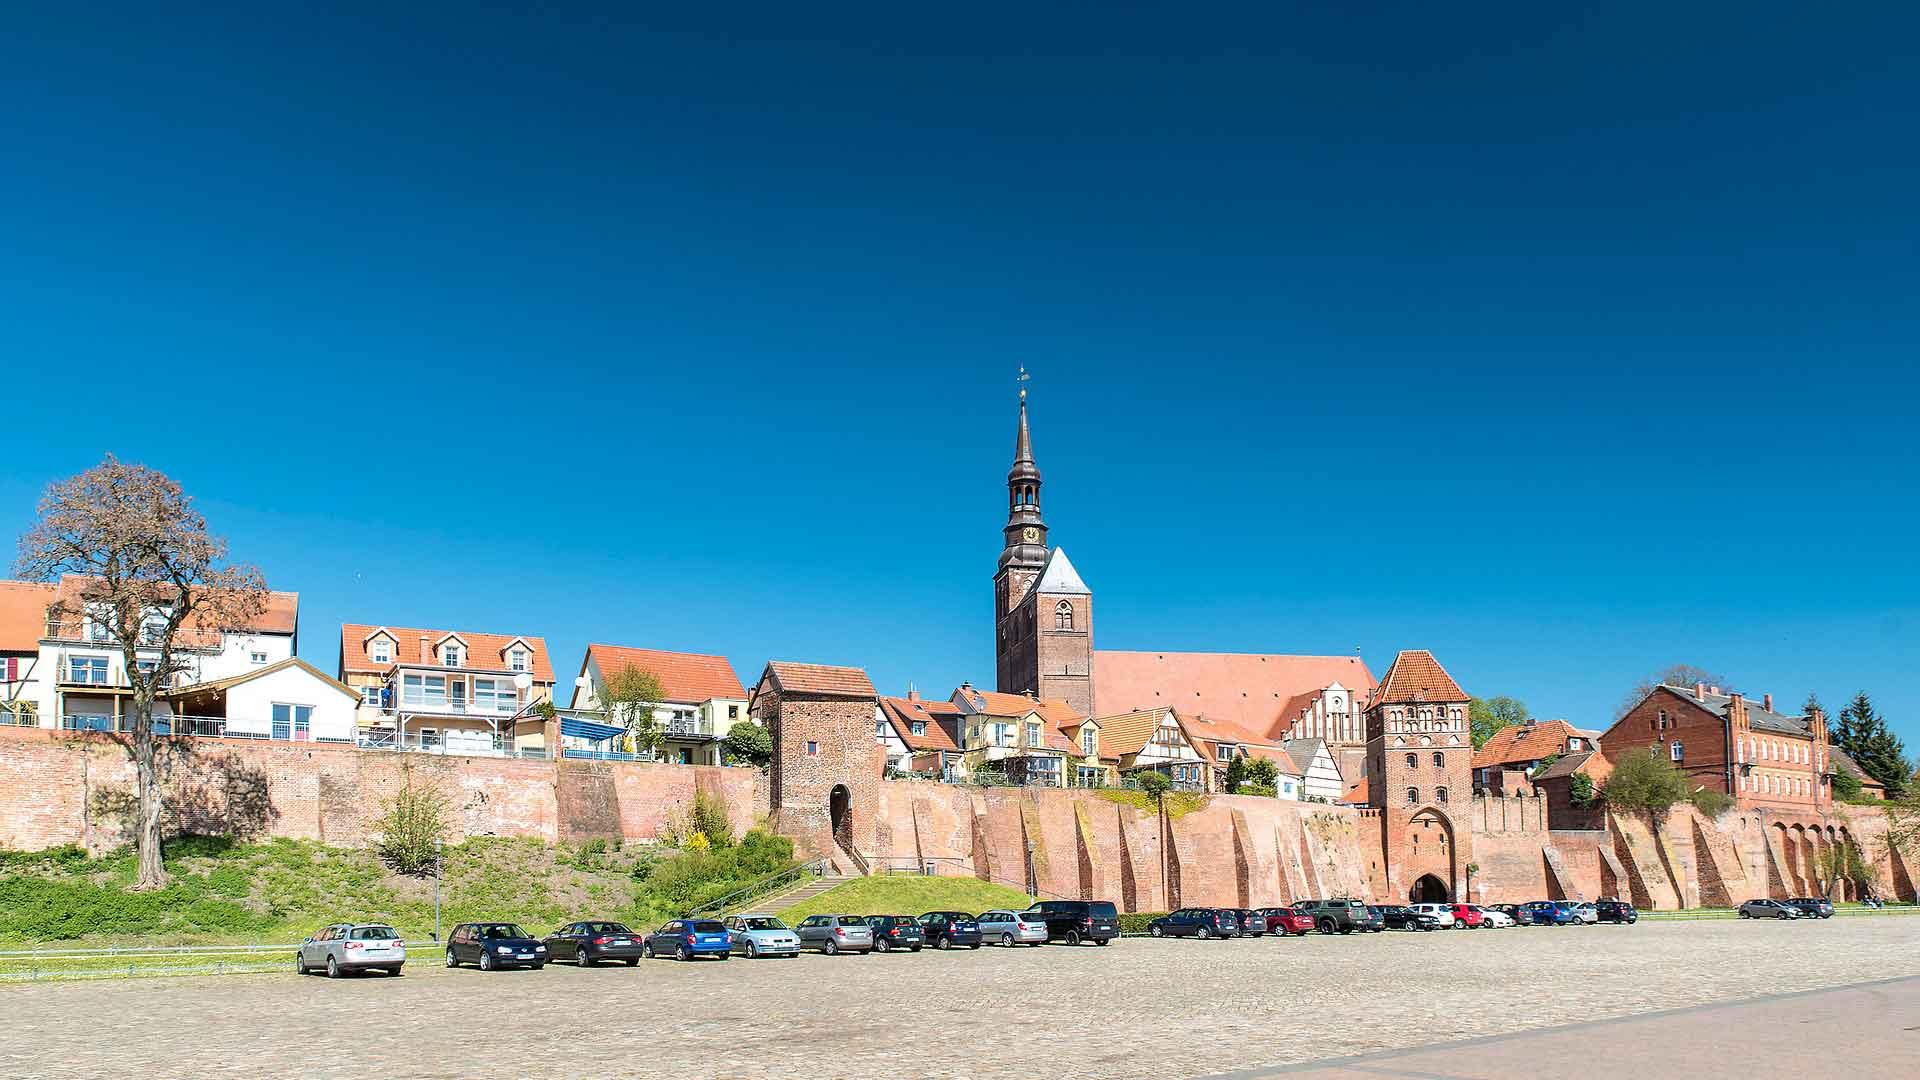 Het schippersstadje Tangermünde aan de Elbe.